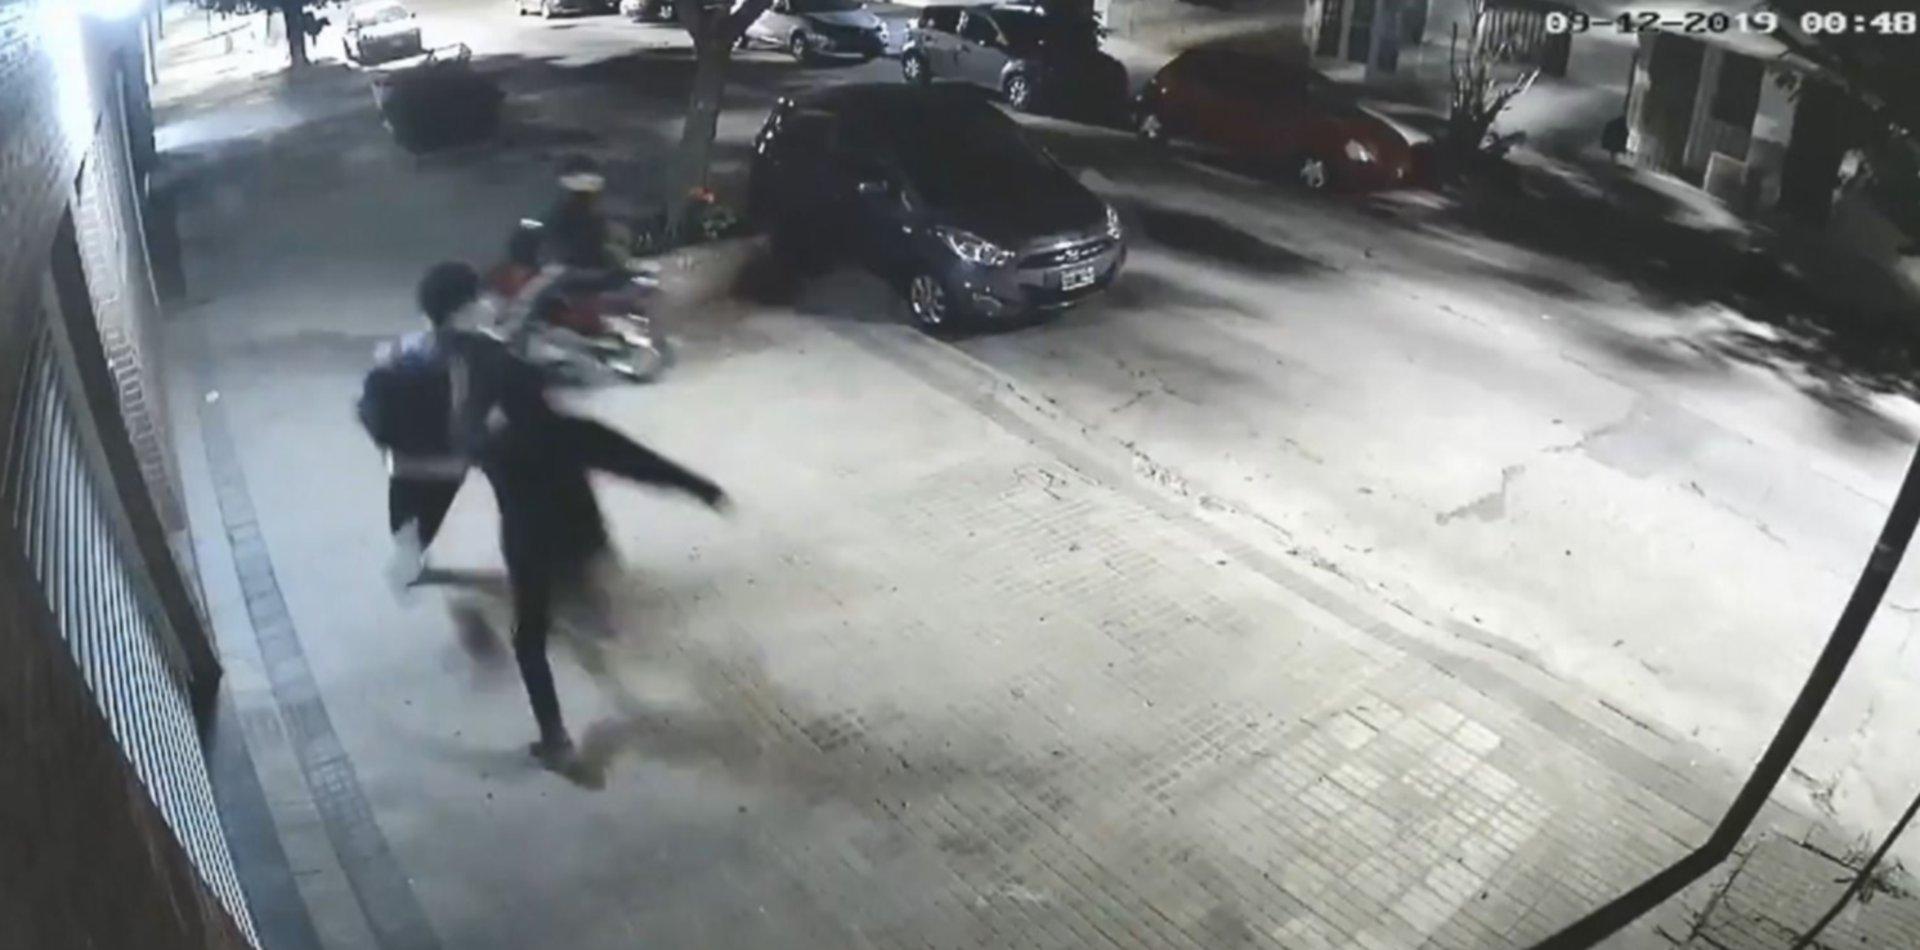 VIDEO: Motochorros persiguieron a un joven por la vereda, le patearon la cara y le robaron todo